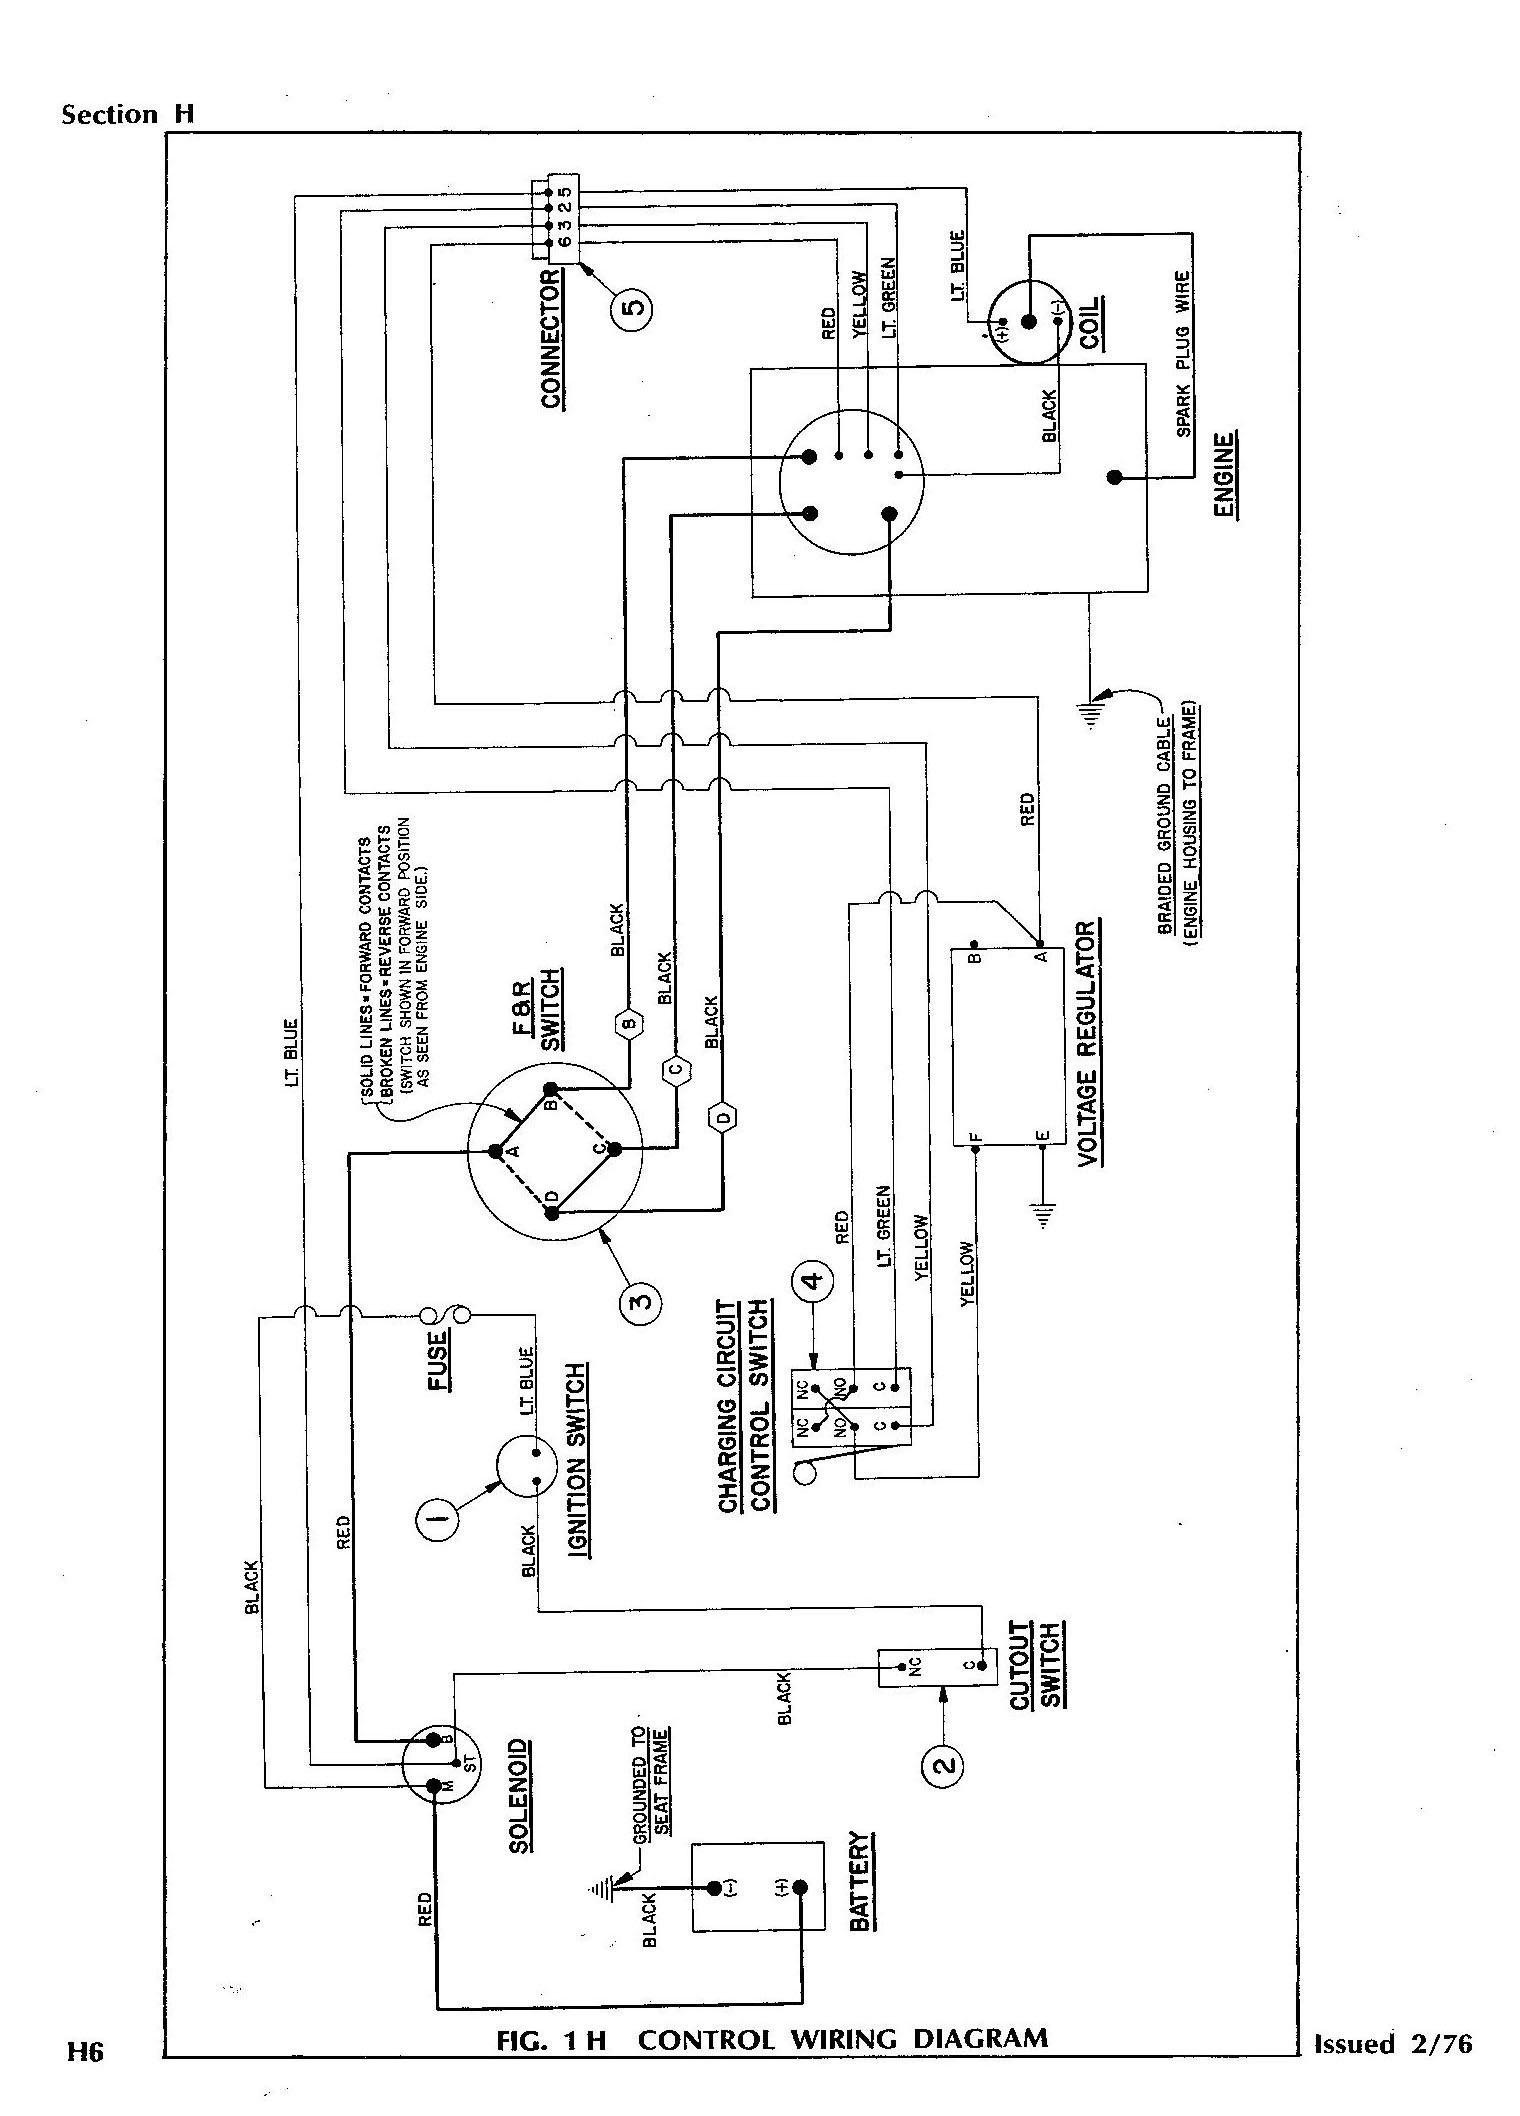 2002 Ezgo Wiring Diagram 36 Volt | Wiring Diagram - Ez Go Txt 36 Volt Wiring Diagram